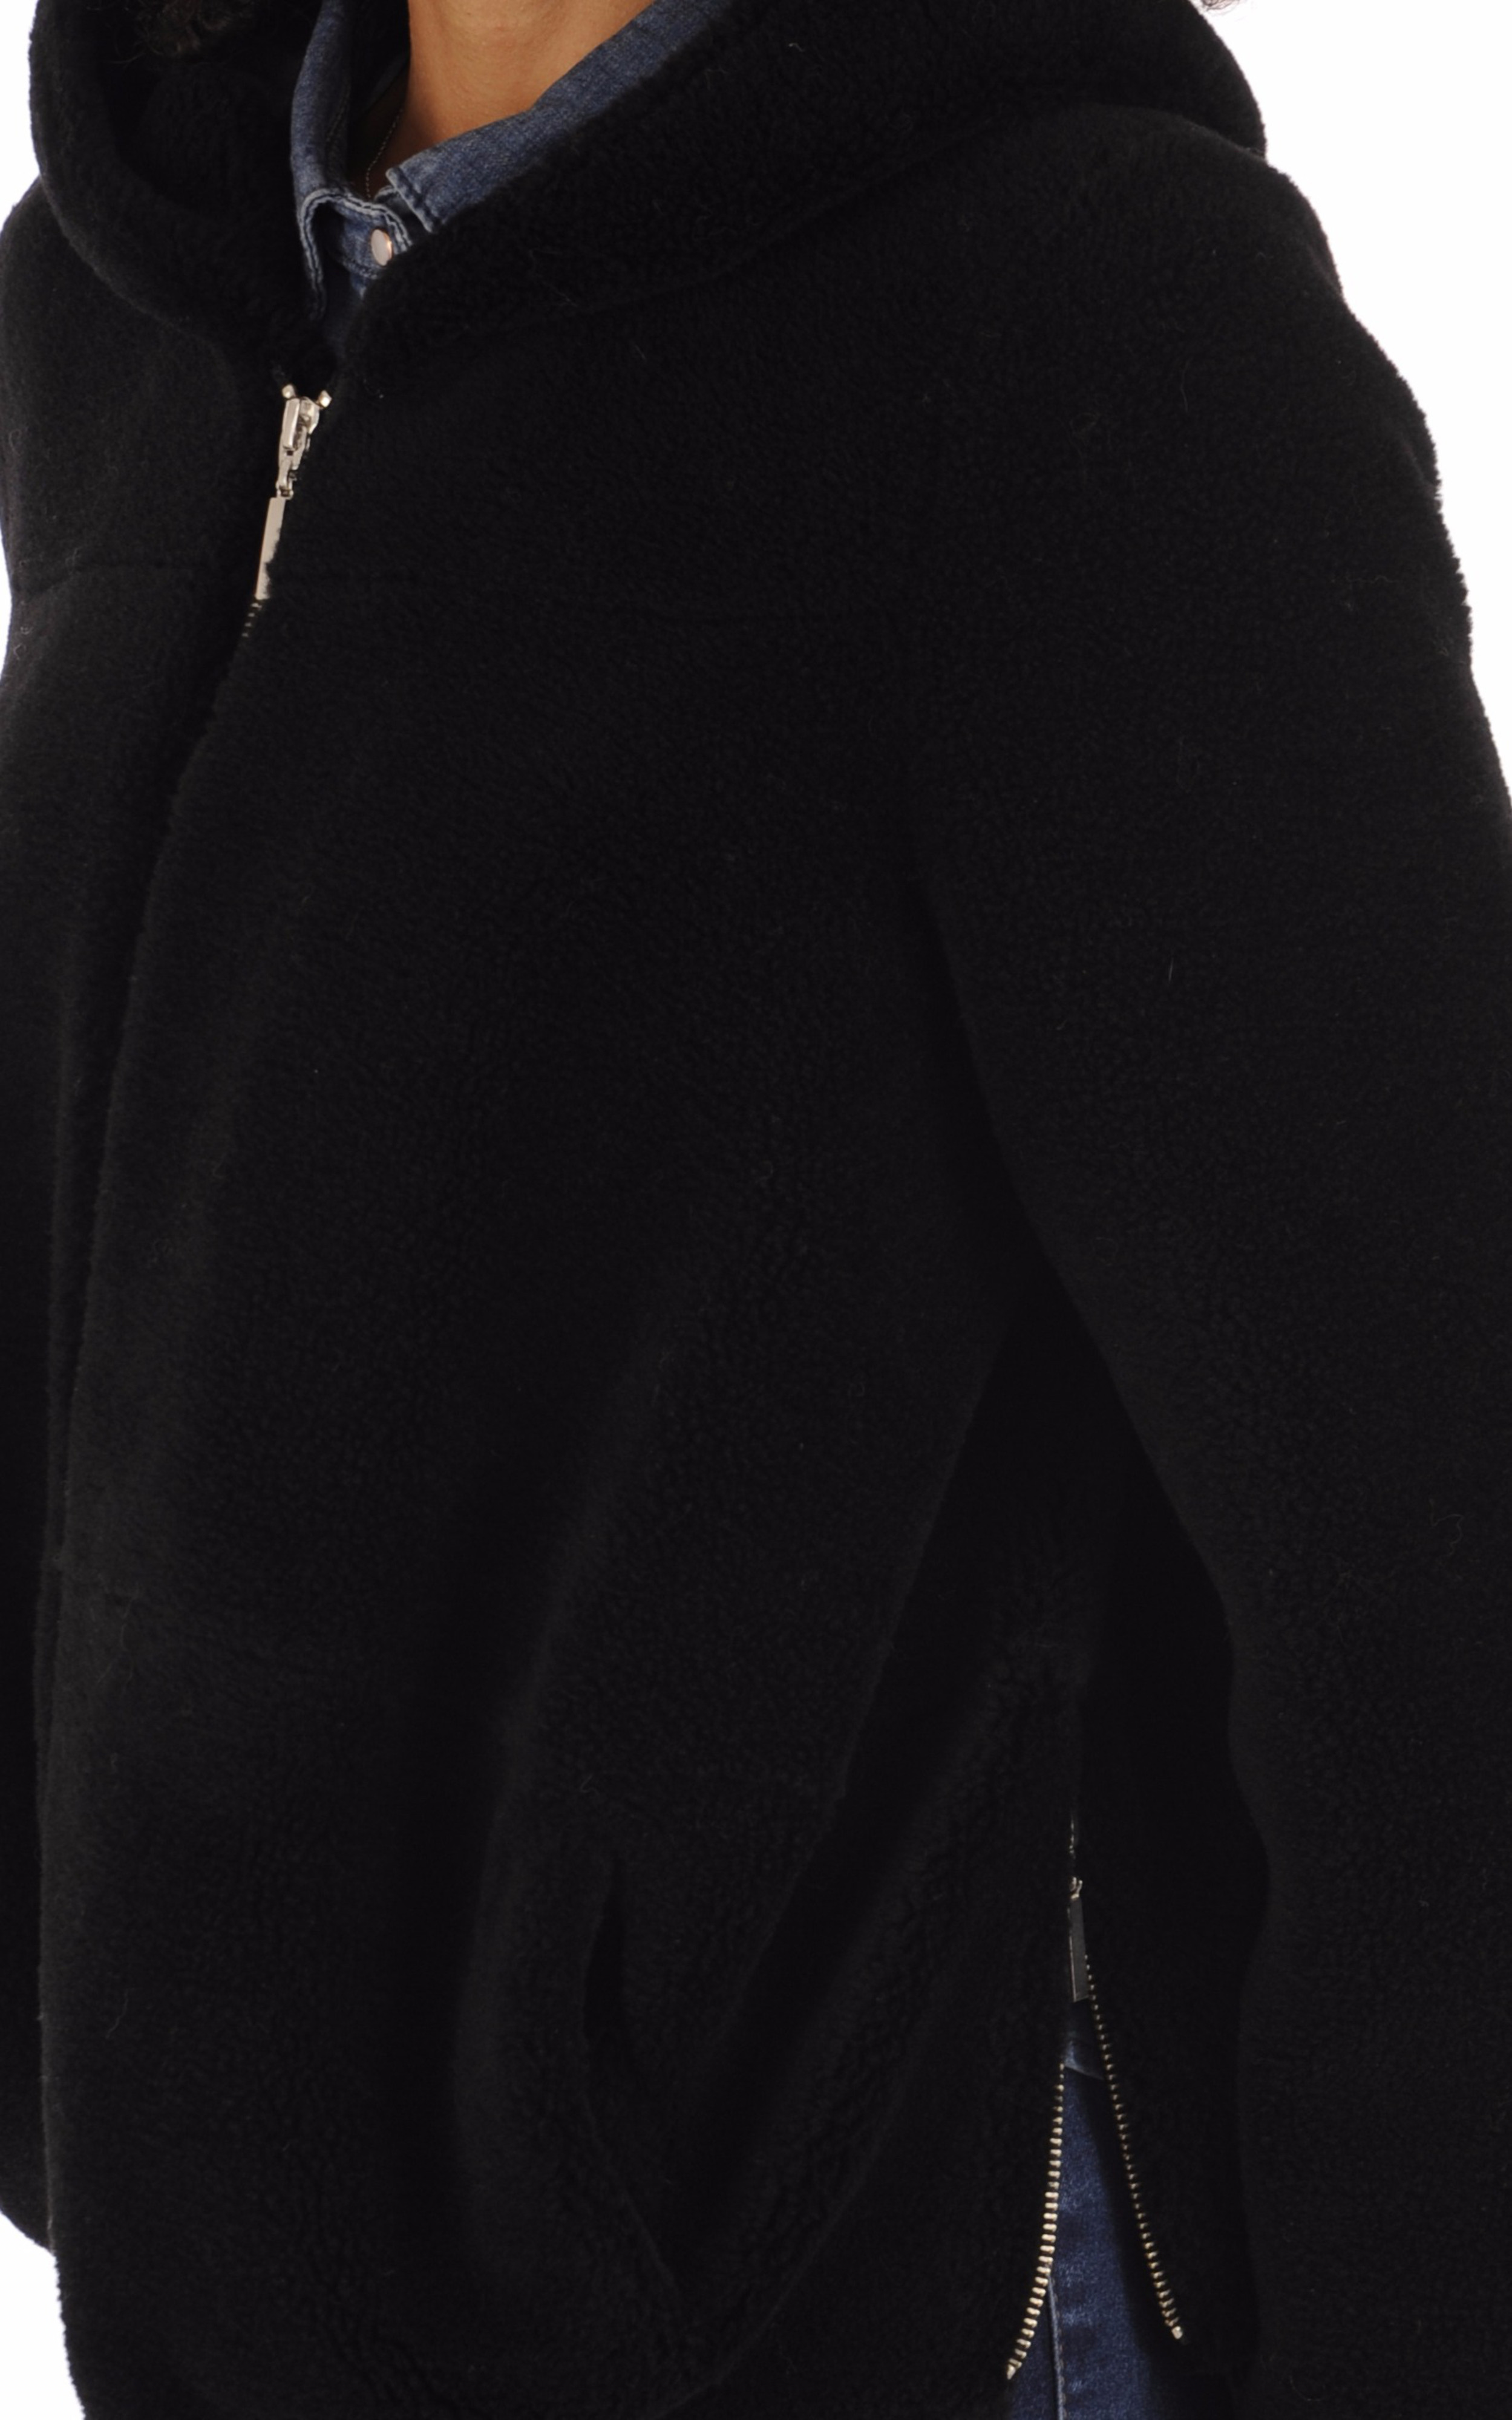 Veste en laine à capuche noir La Canadienne